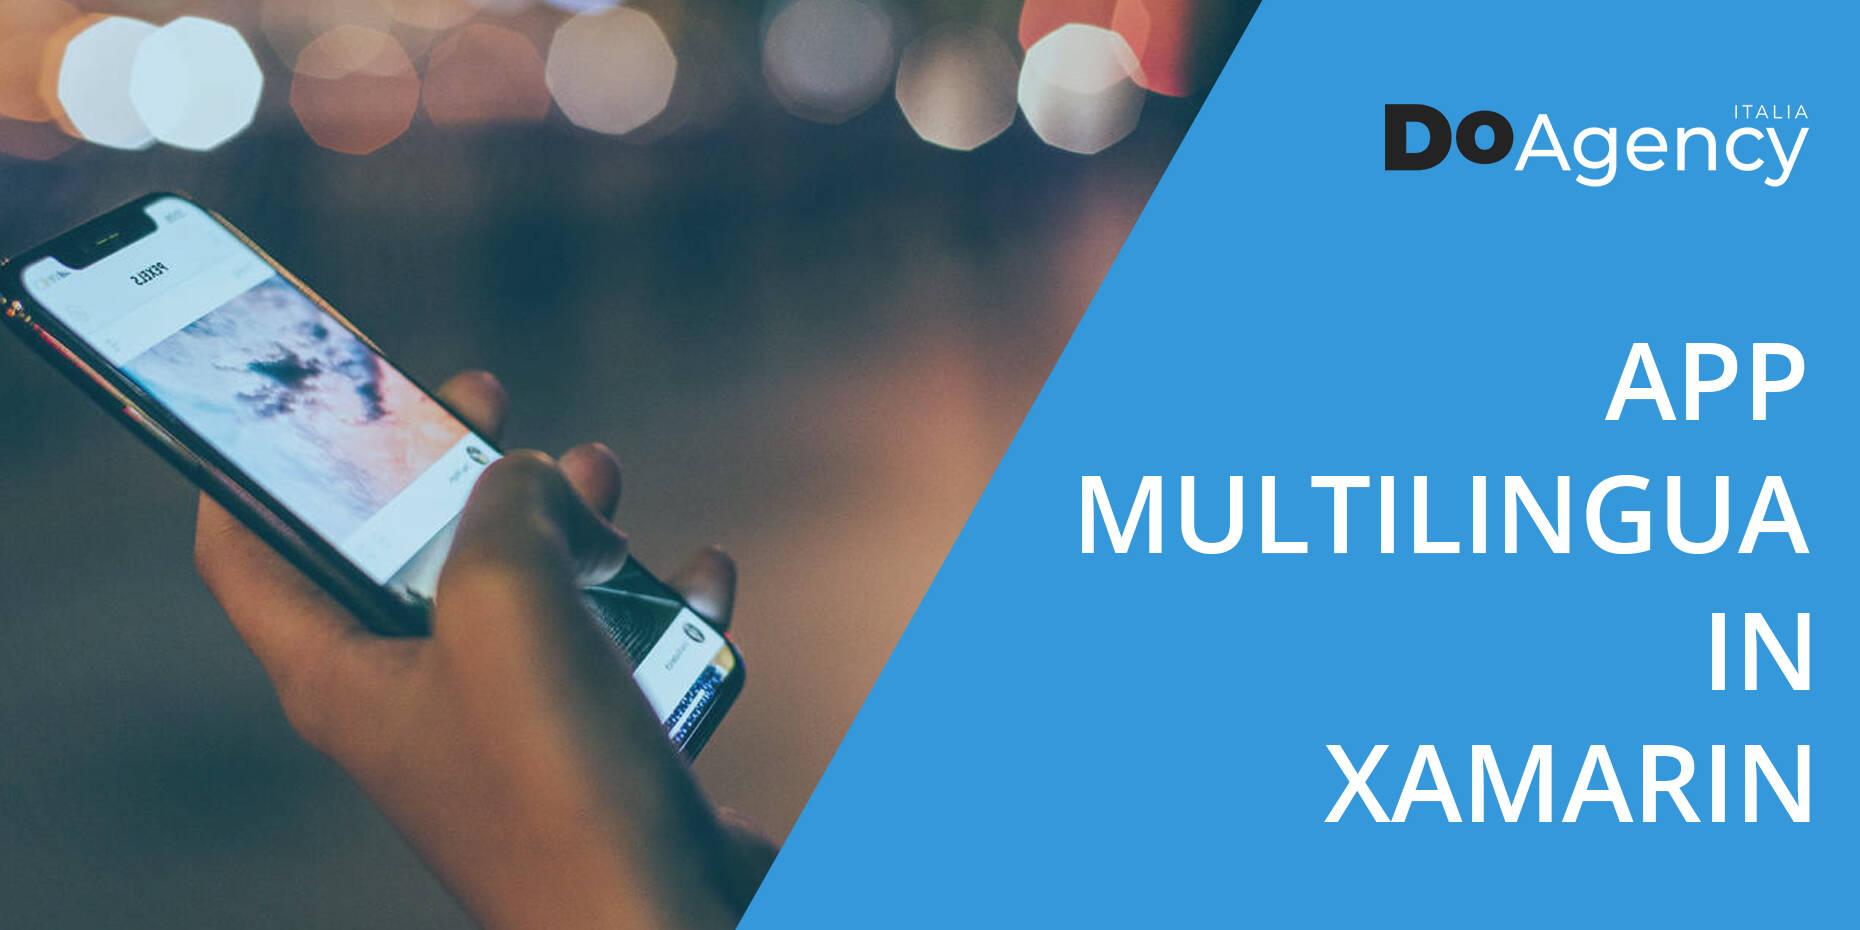 Creazione di app multilingua in Xamarin